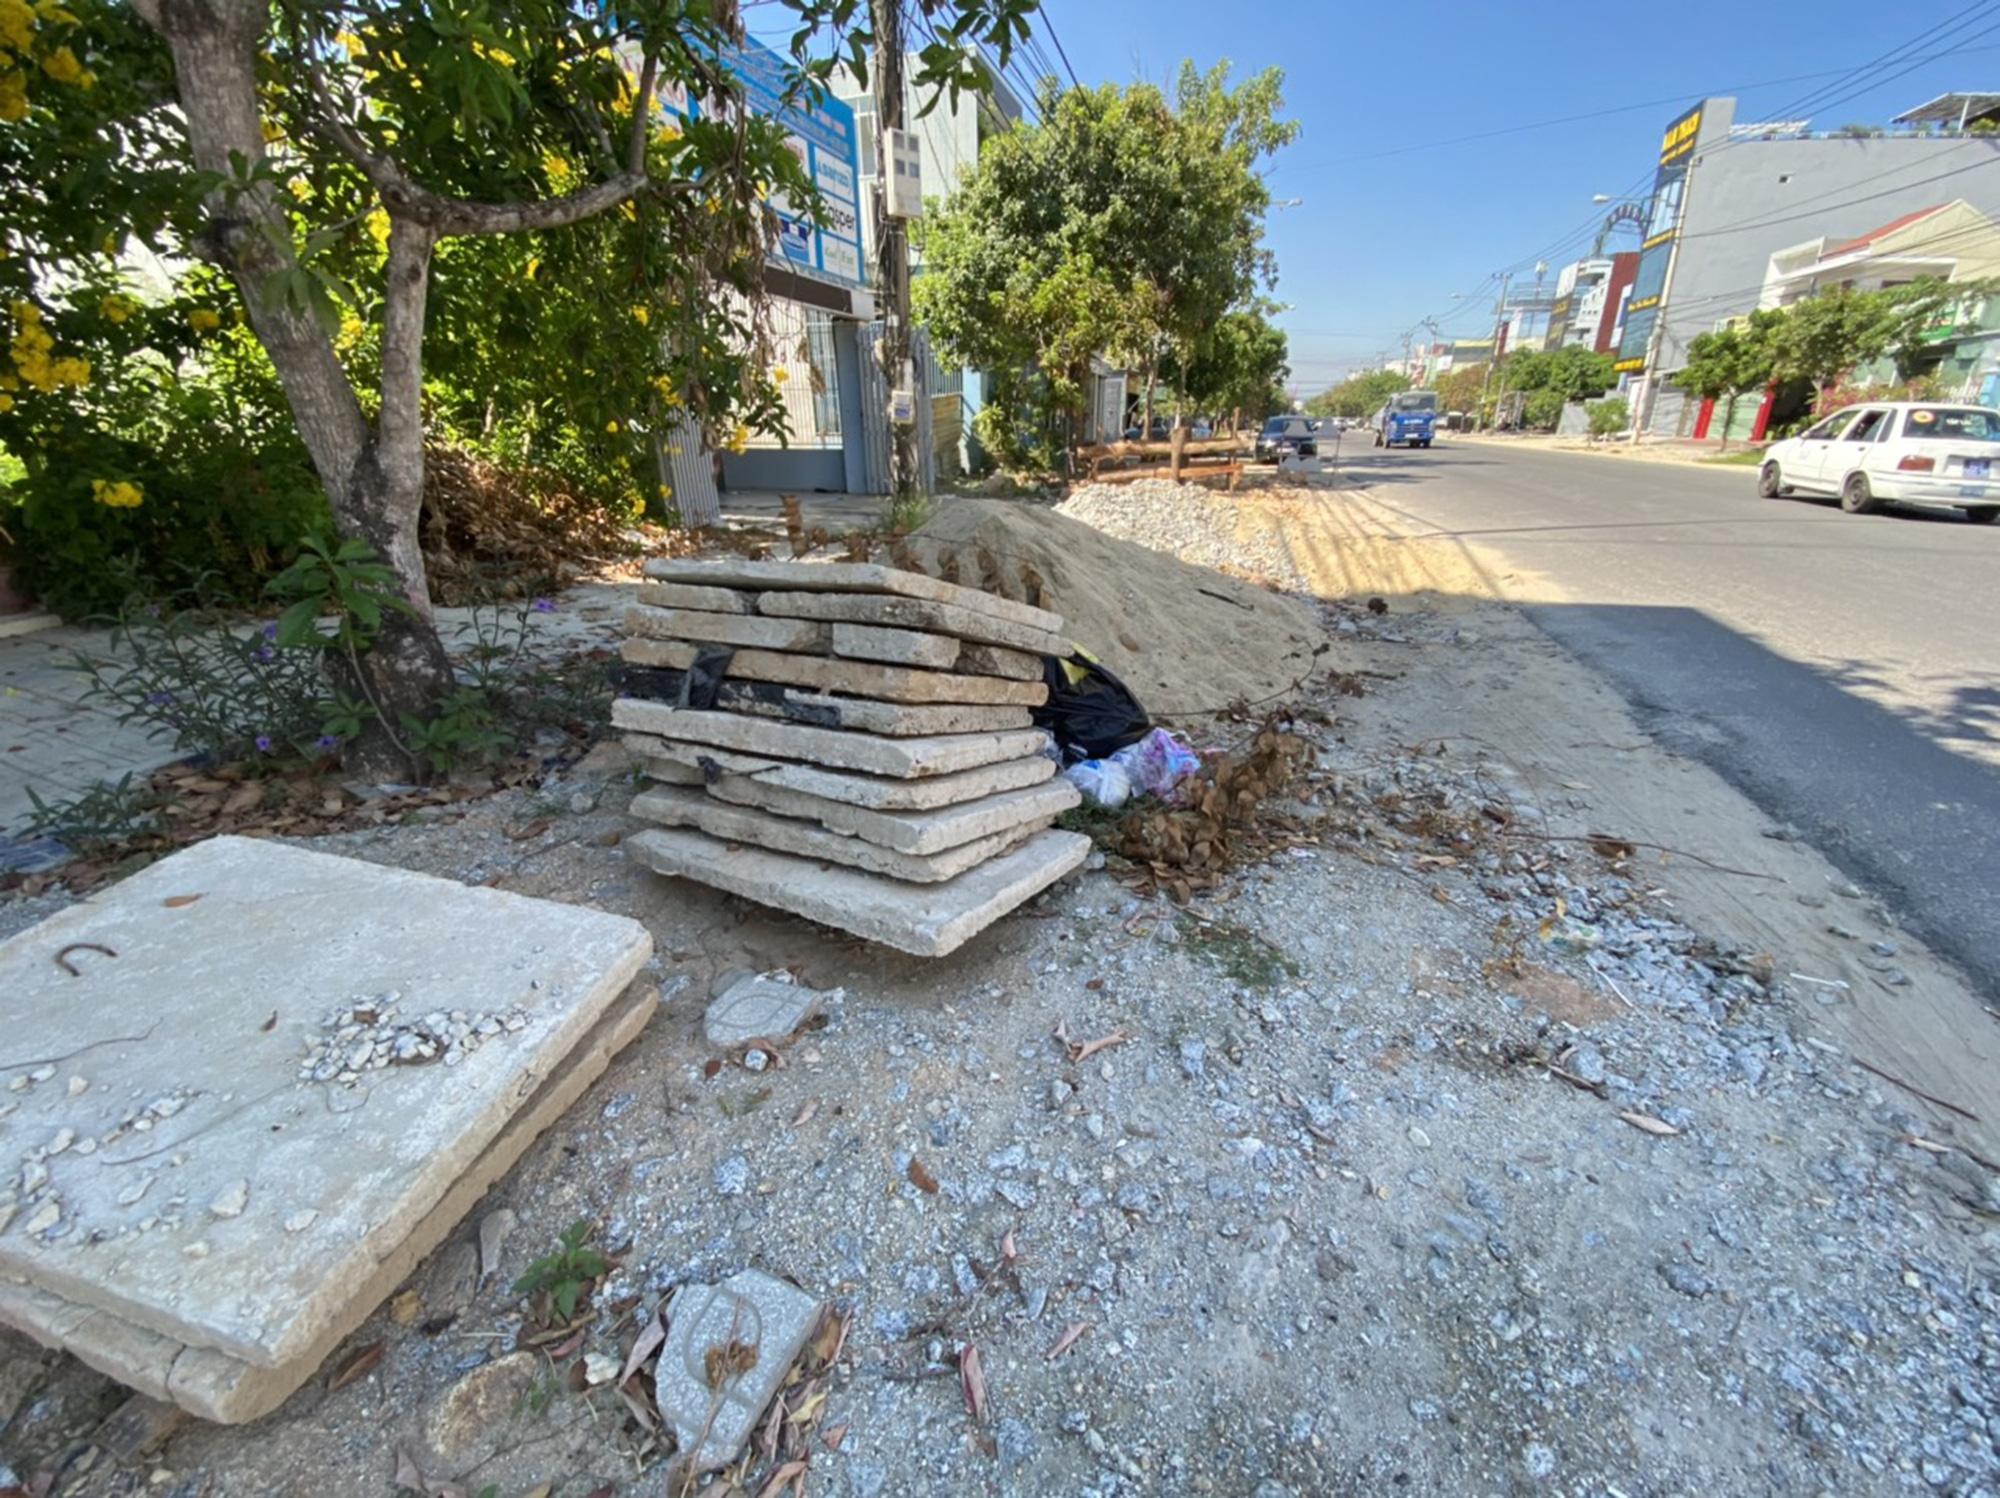 """Quảng Nam: Doanh nghiệp """"bỏ chạy"""", đường gần 27 tỷ hành dân - Ảnh 3."""